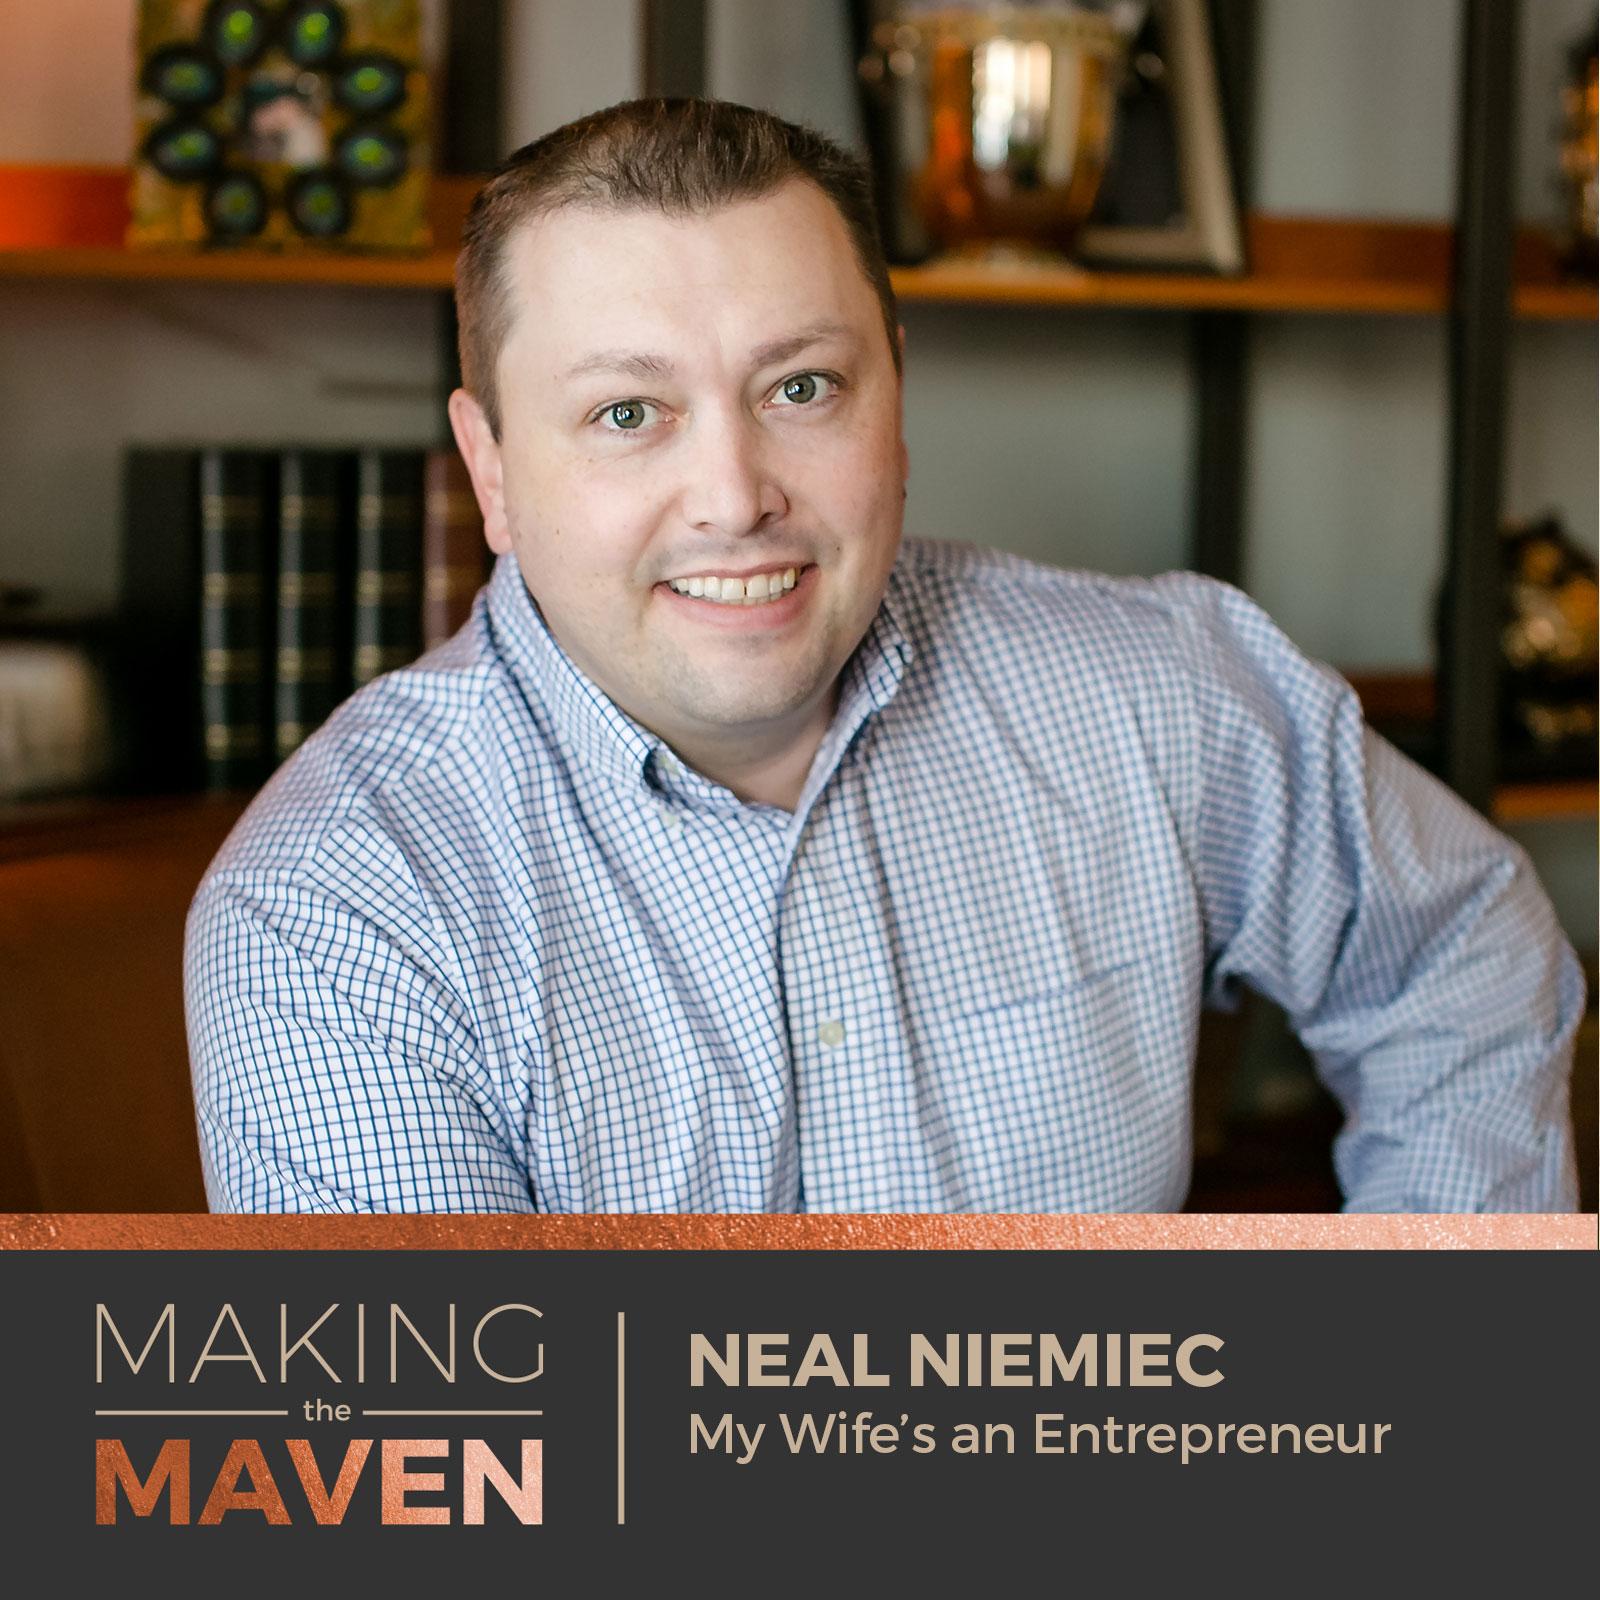 Neal Niemiec